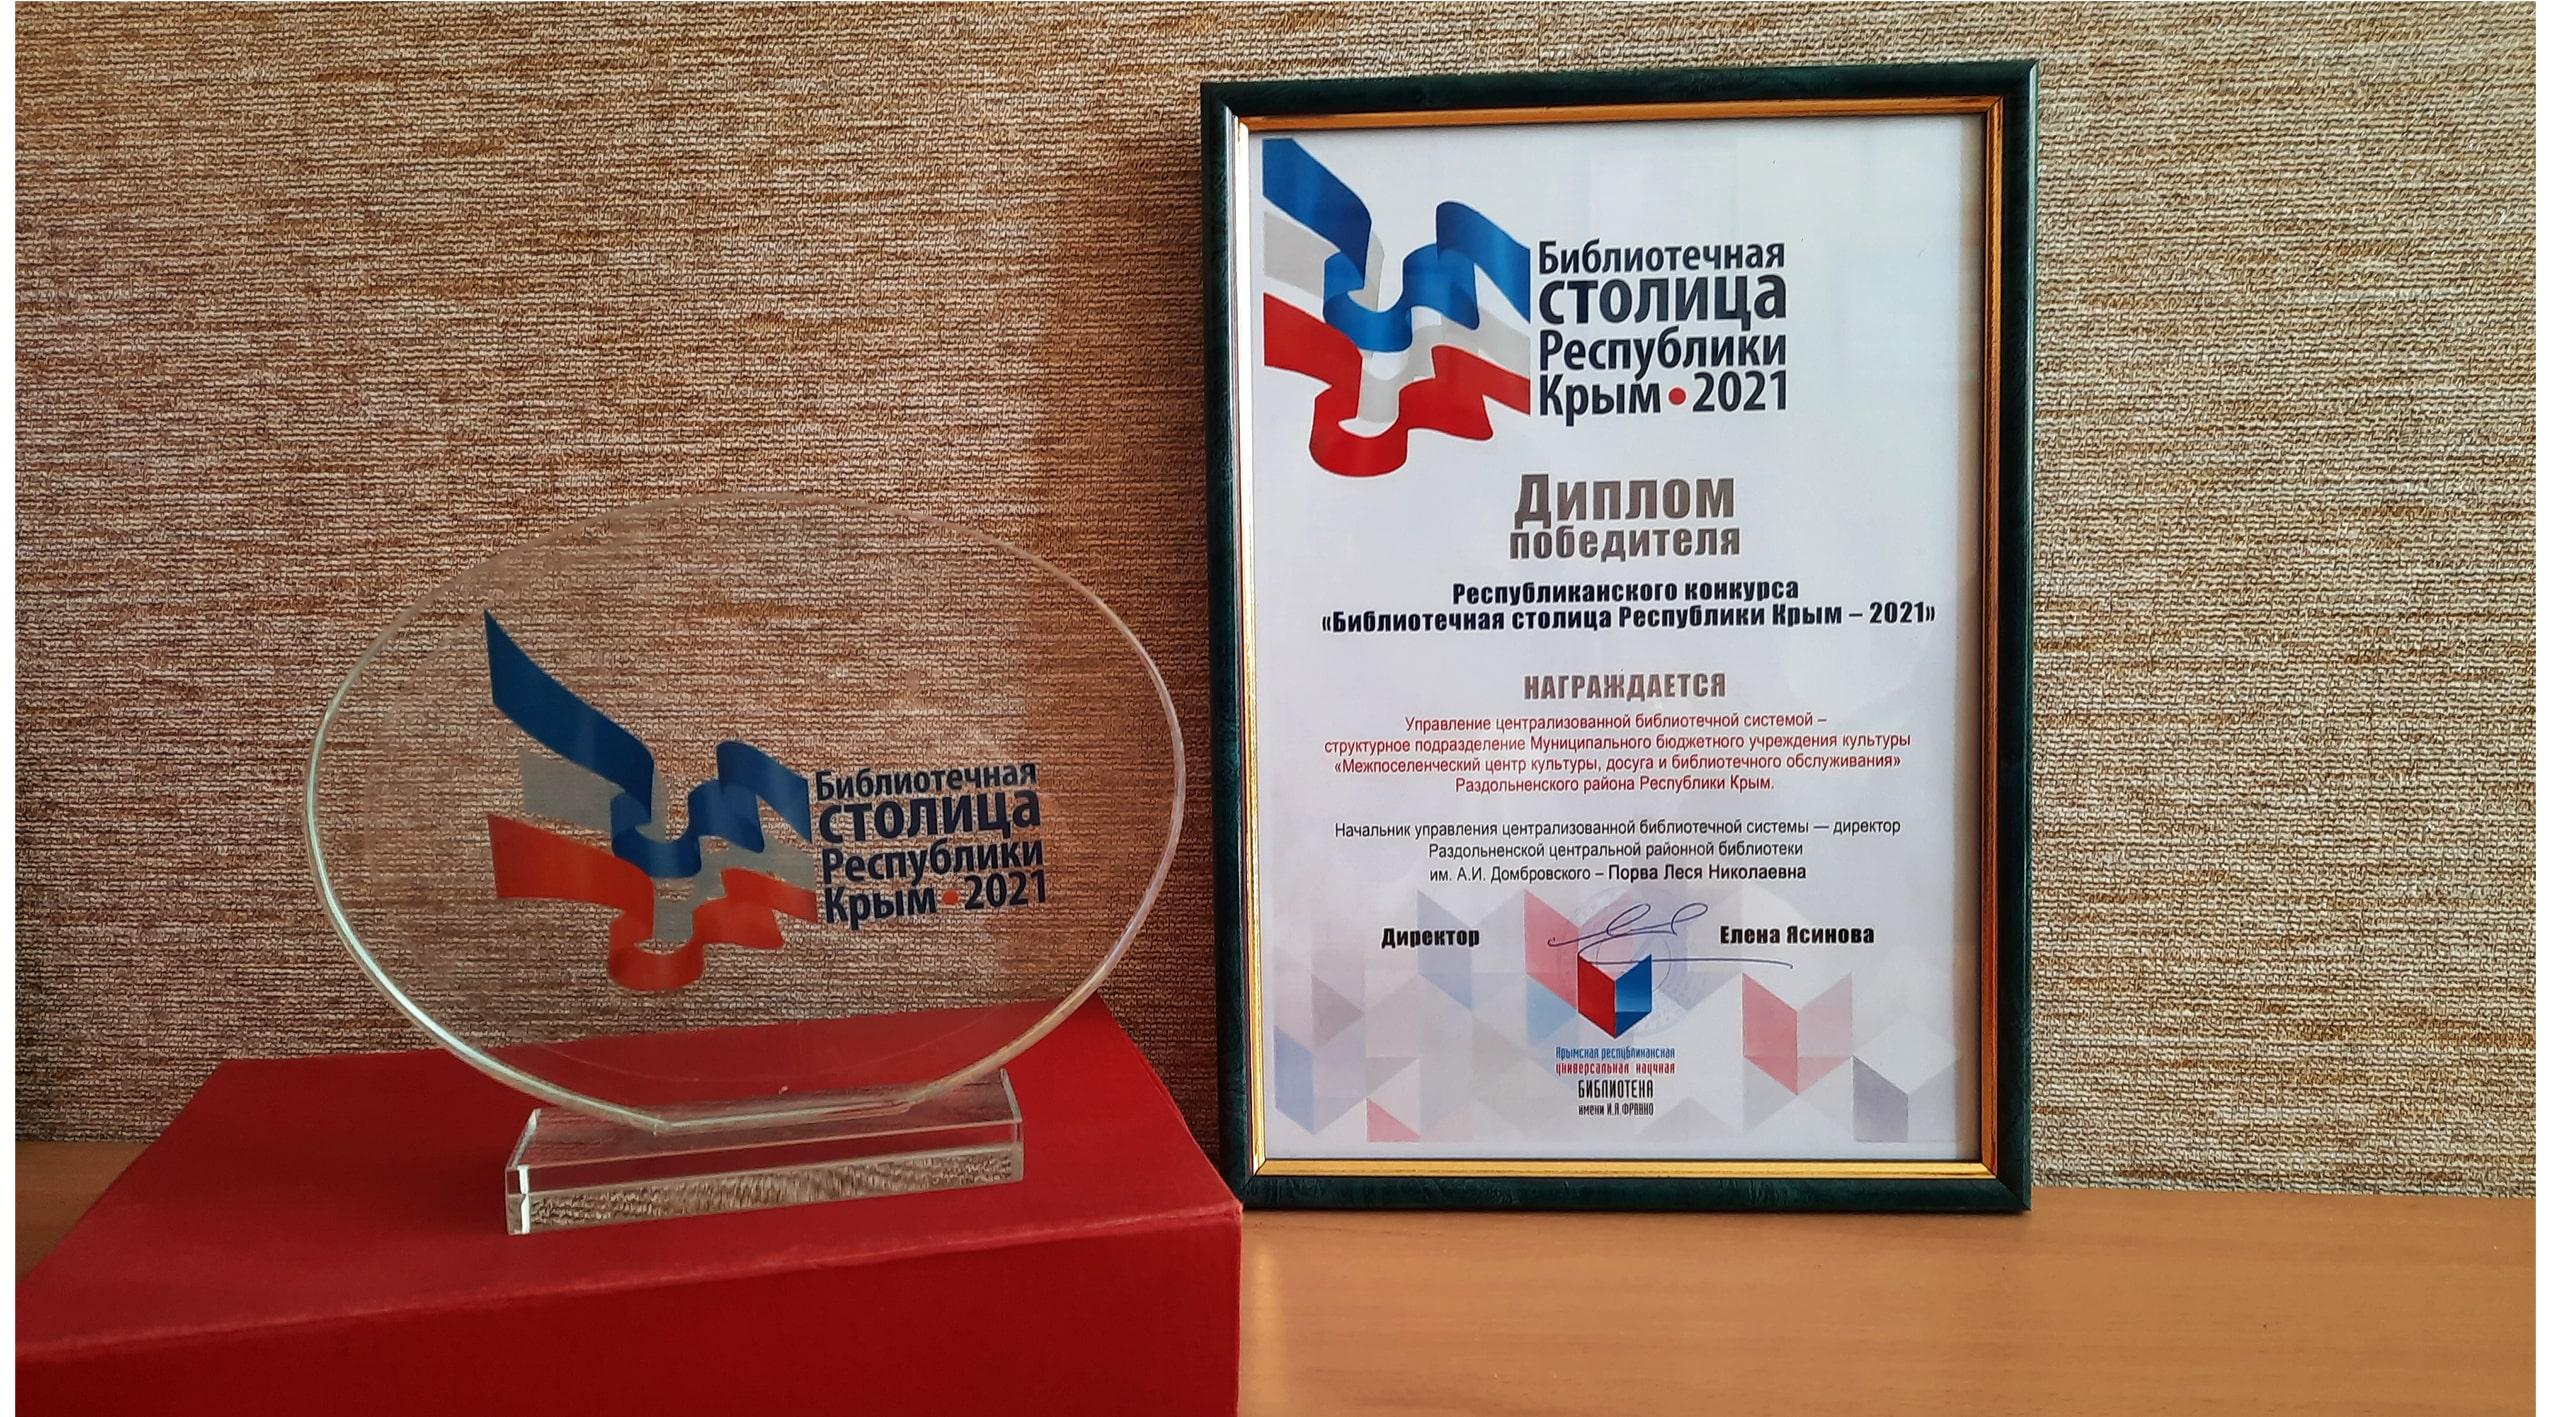 Итоги конкурса «Библиотечная столица Республики Крым – 2021»